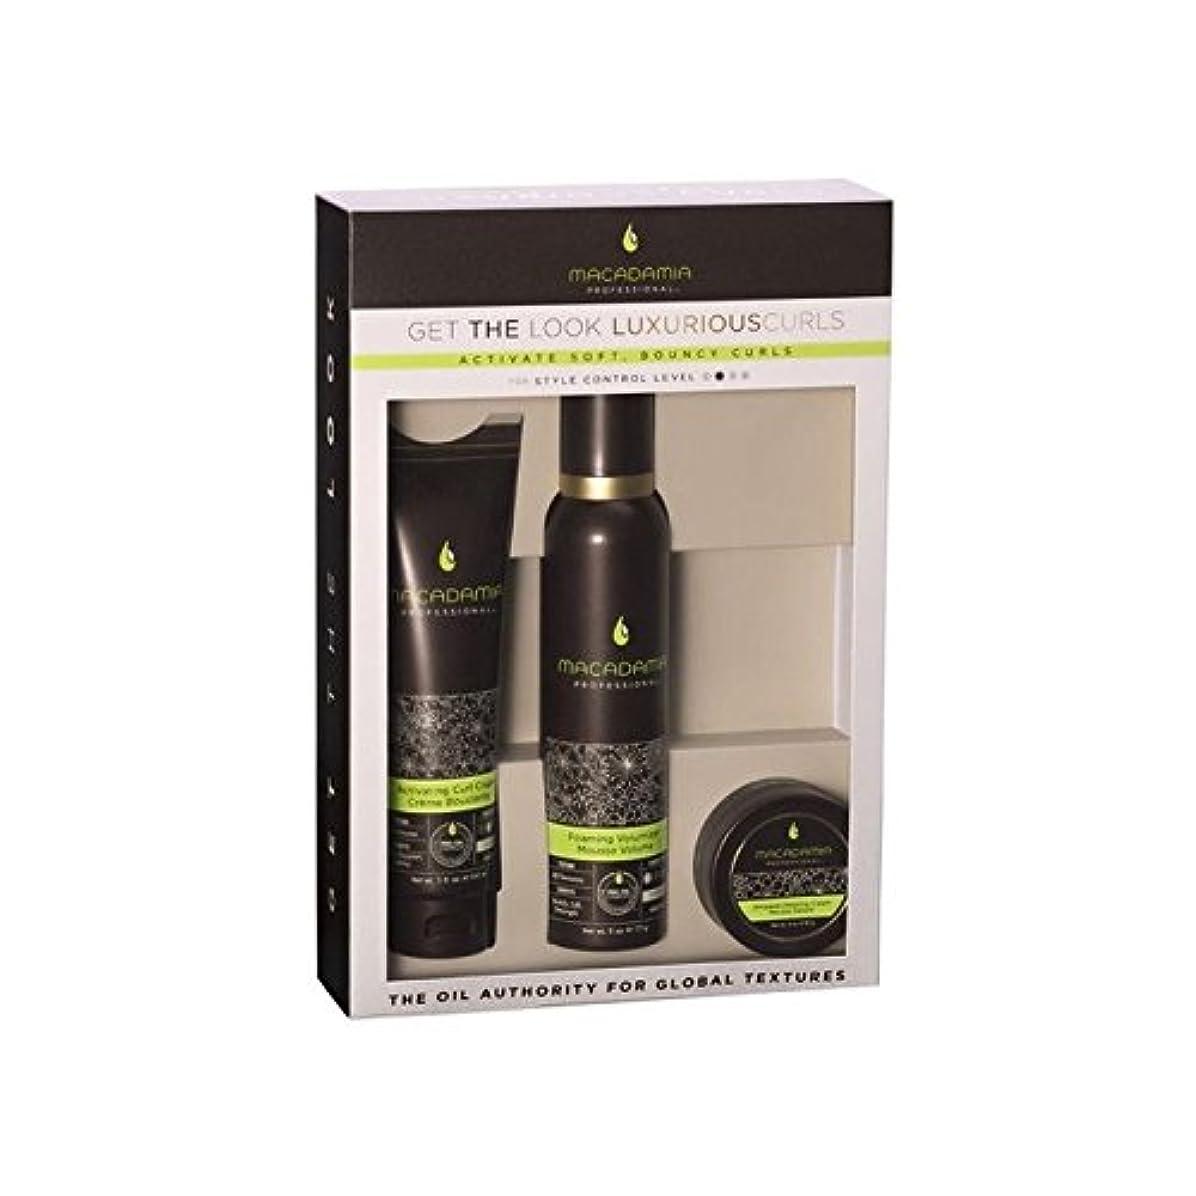 スペイン語カイウスライセンスMacadamia Natural Oil 'Get The Look' Luxurious Curls Set (Pack of 6) - マカダミアナチュラルオイル「外観を得る」を設定豪華なカール x6 [並行輸入品]